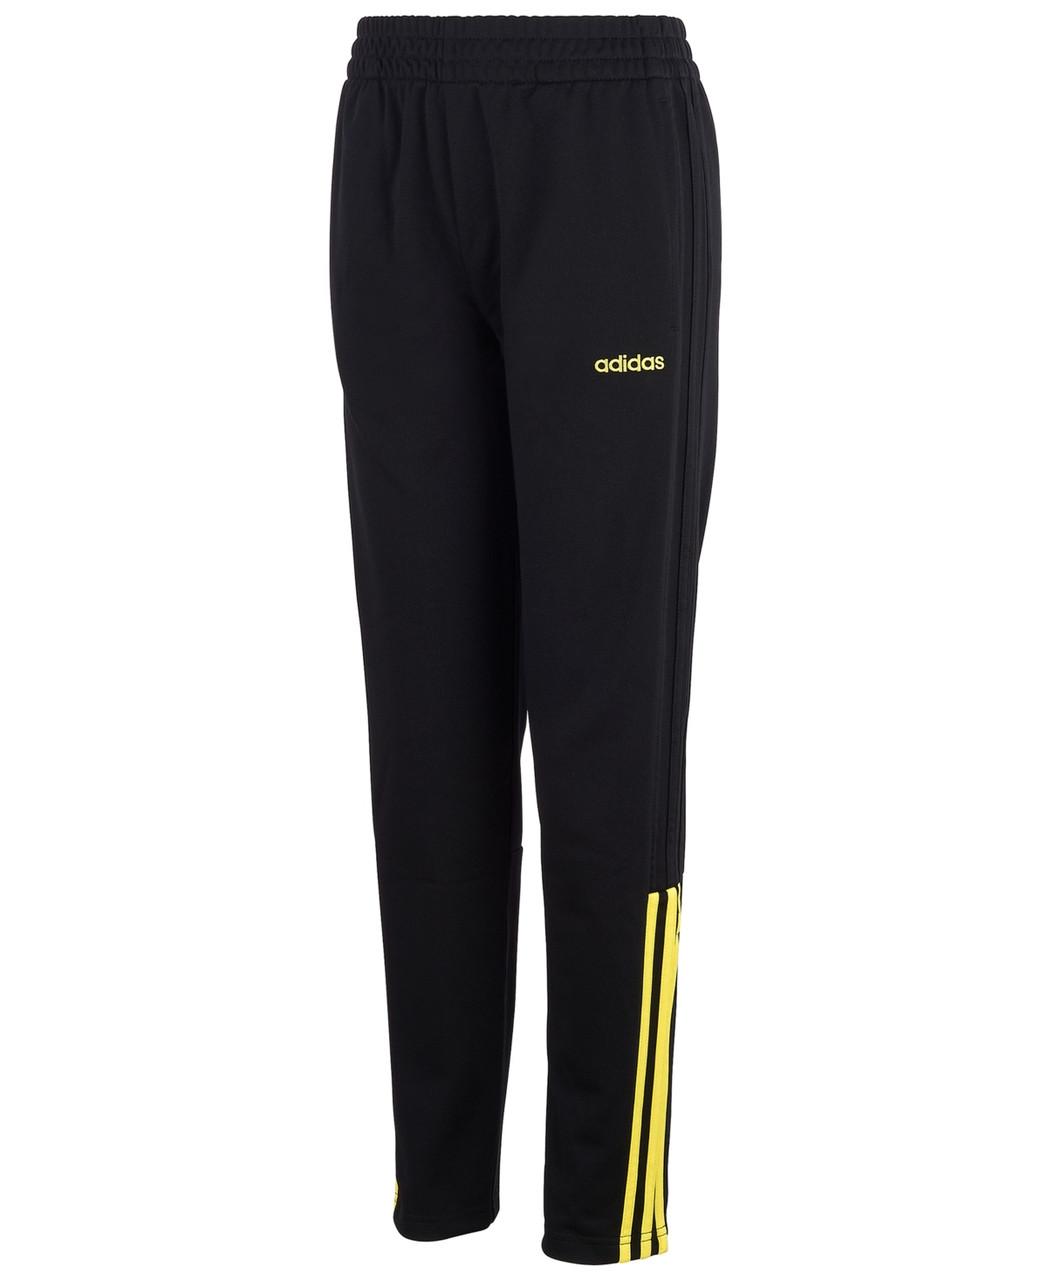 Adidas Детские штаны для мальчиков - А4